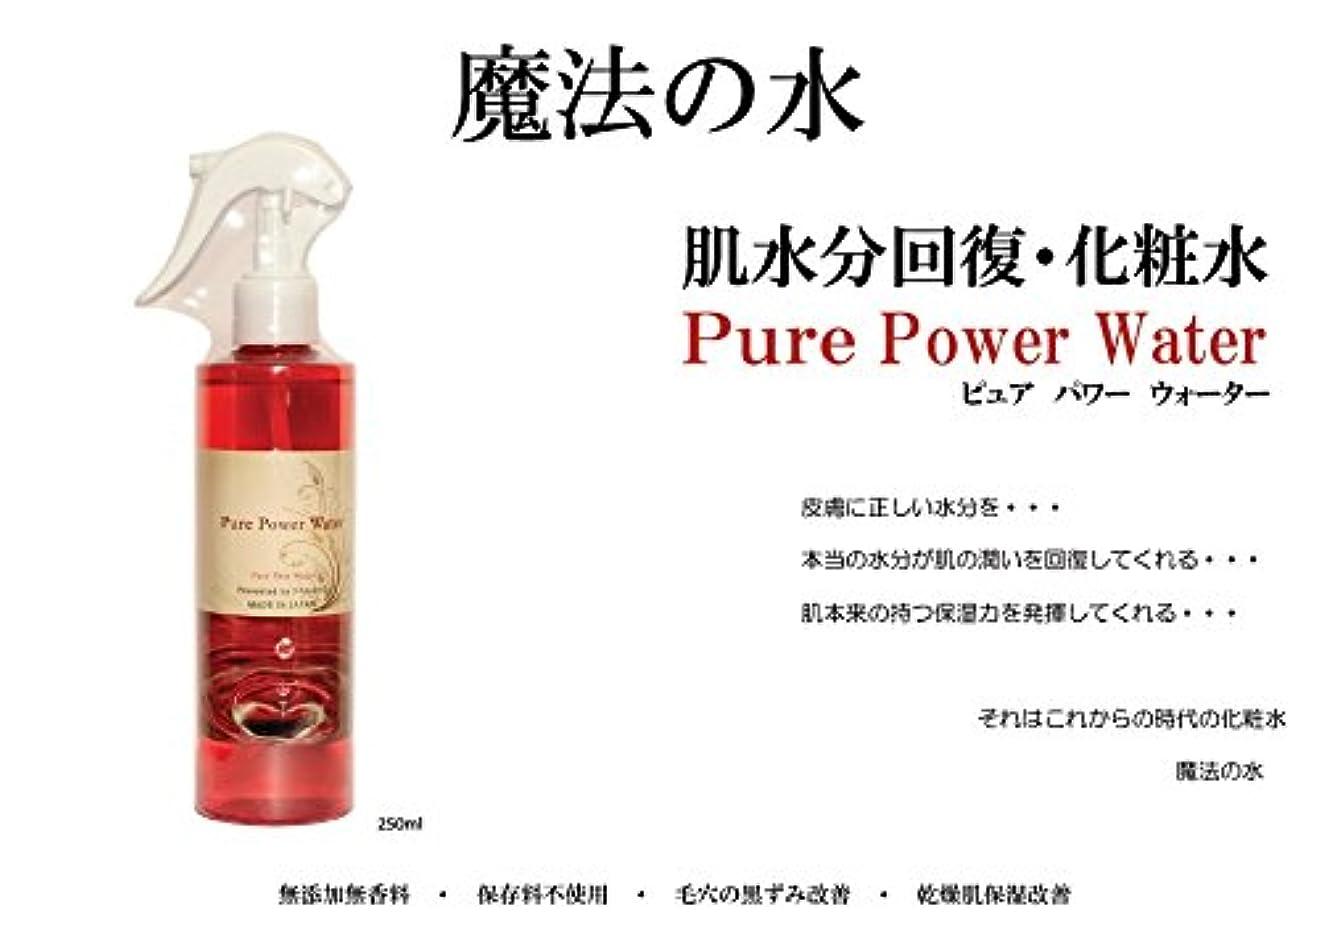 悪党同種の死すべき基礎化粧水 Pure Power Water 化粧水 マイナスイオン ブースター 魔法の化粧水